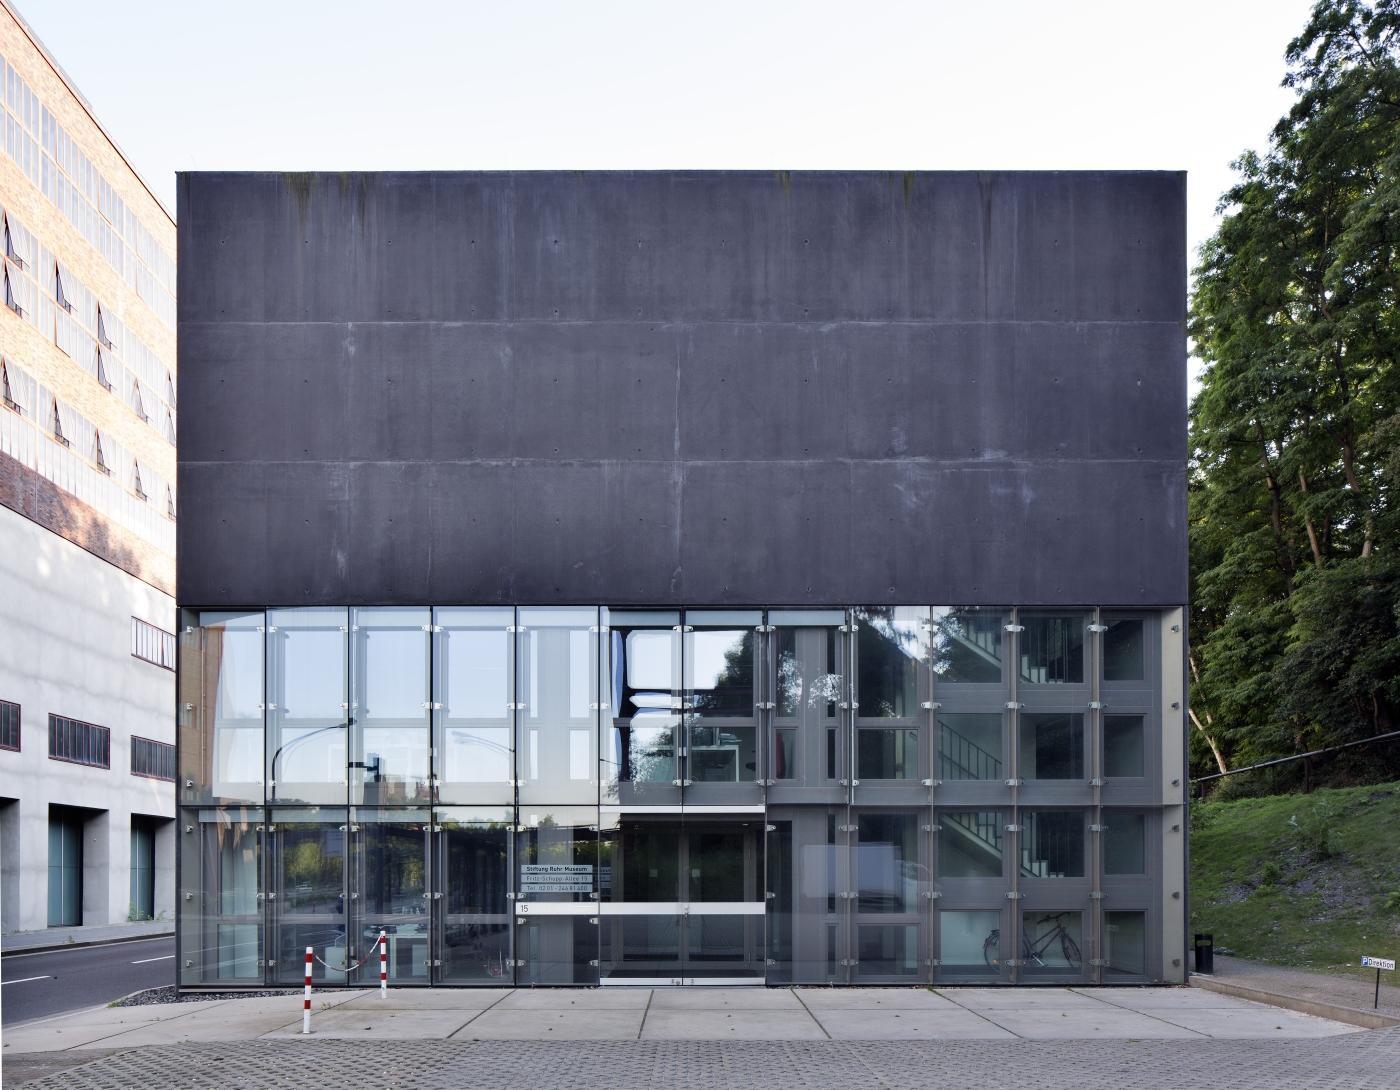 Depot Und Verwaltung Ruhr Museum Essen Architektur Baukunst Nrw